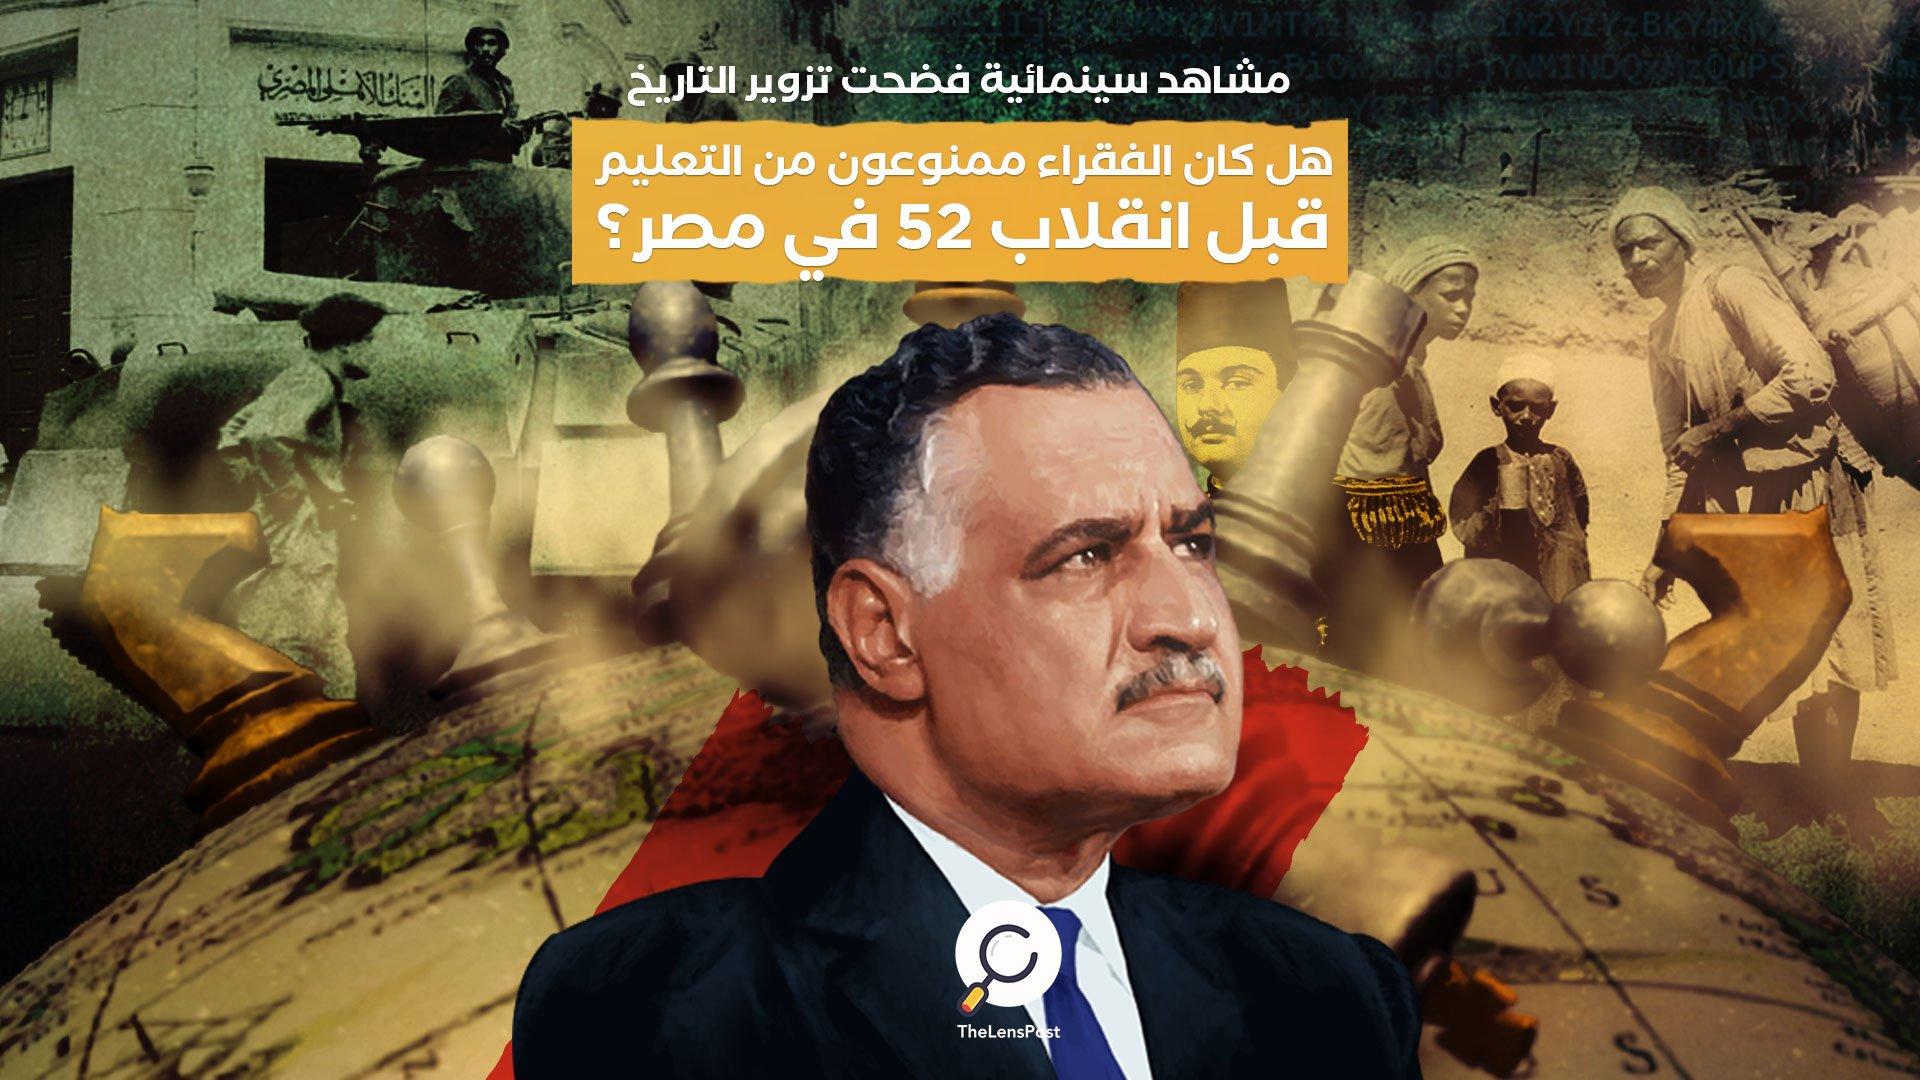 مشاهد سينمائية فضحت تزوير التاريخ .. هل كان الفقراء ممنوعون من التعليم قبل انقلاب 52 في مصر؟